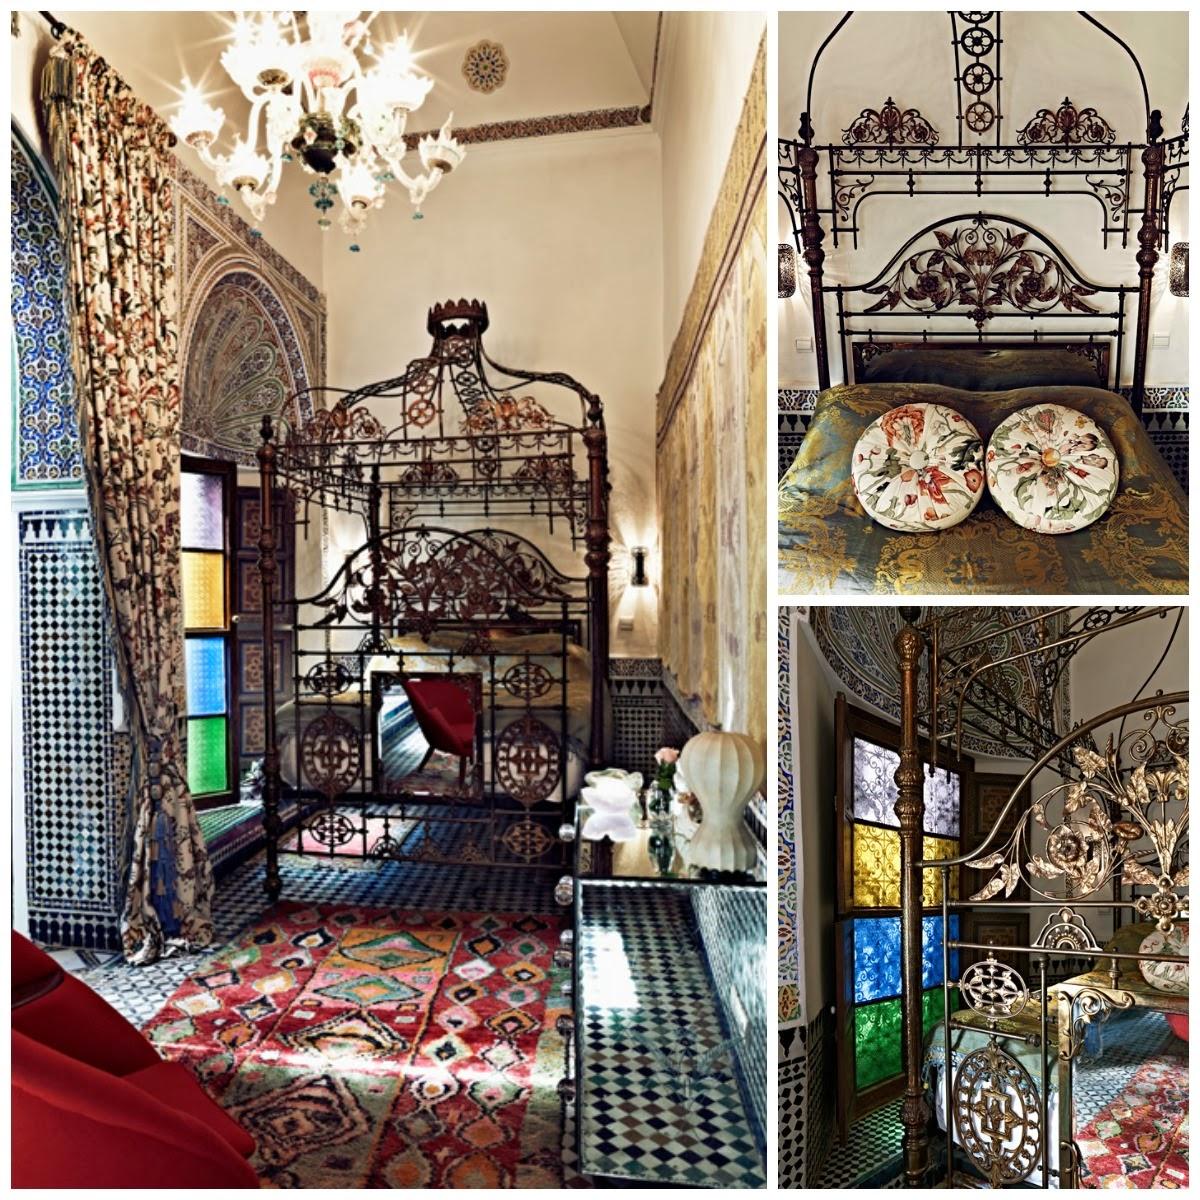 Decoraci n el tiempo entre costuras la musa decoraci n - Decoracion marruecos ...